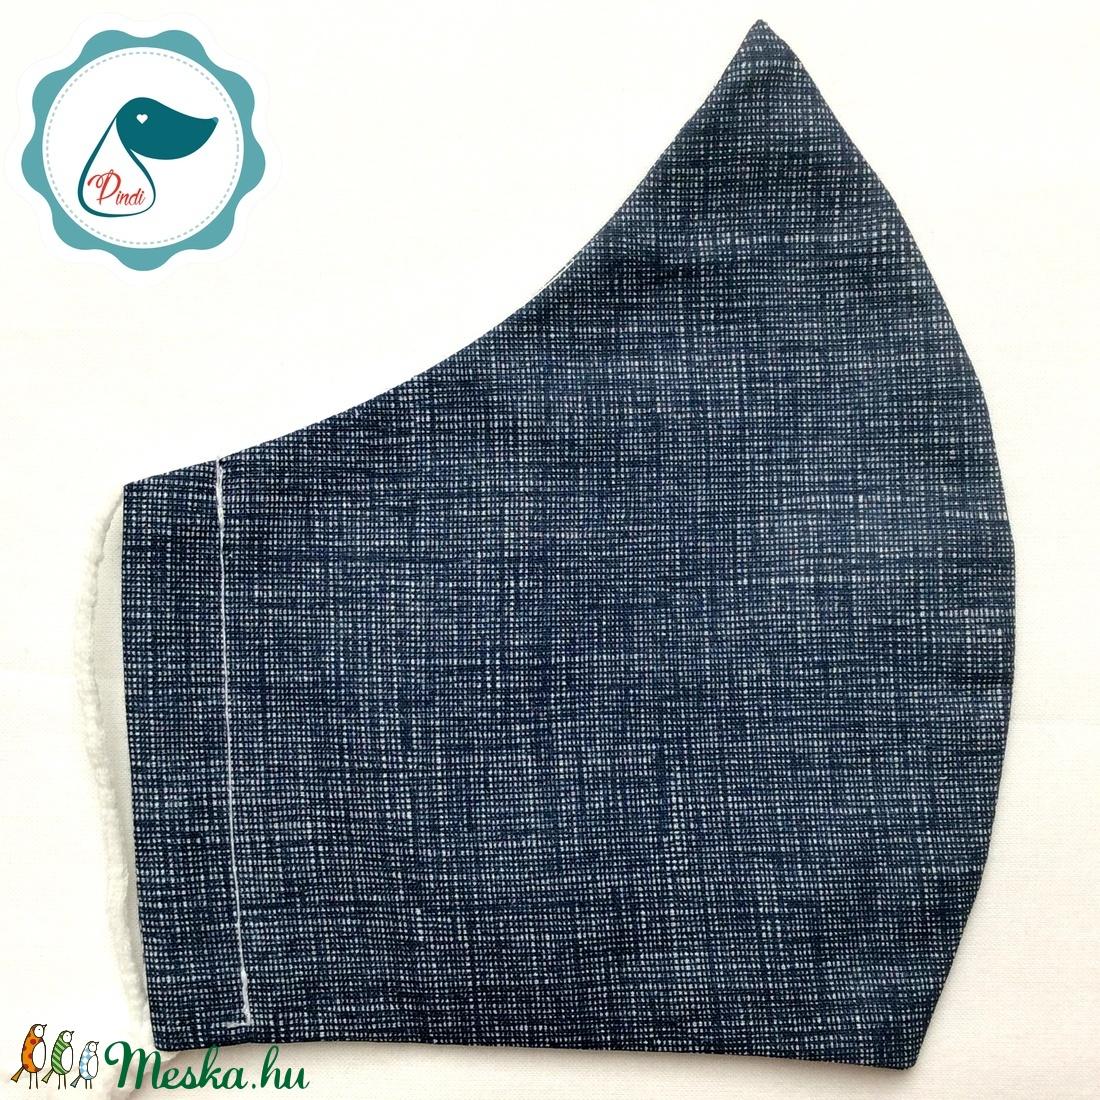 Egyedi kék farmerhatásu pamut női és teenager arcmaszk - textil maszk - egészségügyi szájmaszk (Pindiart) - Meska.hu